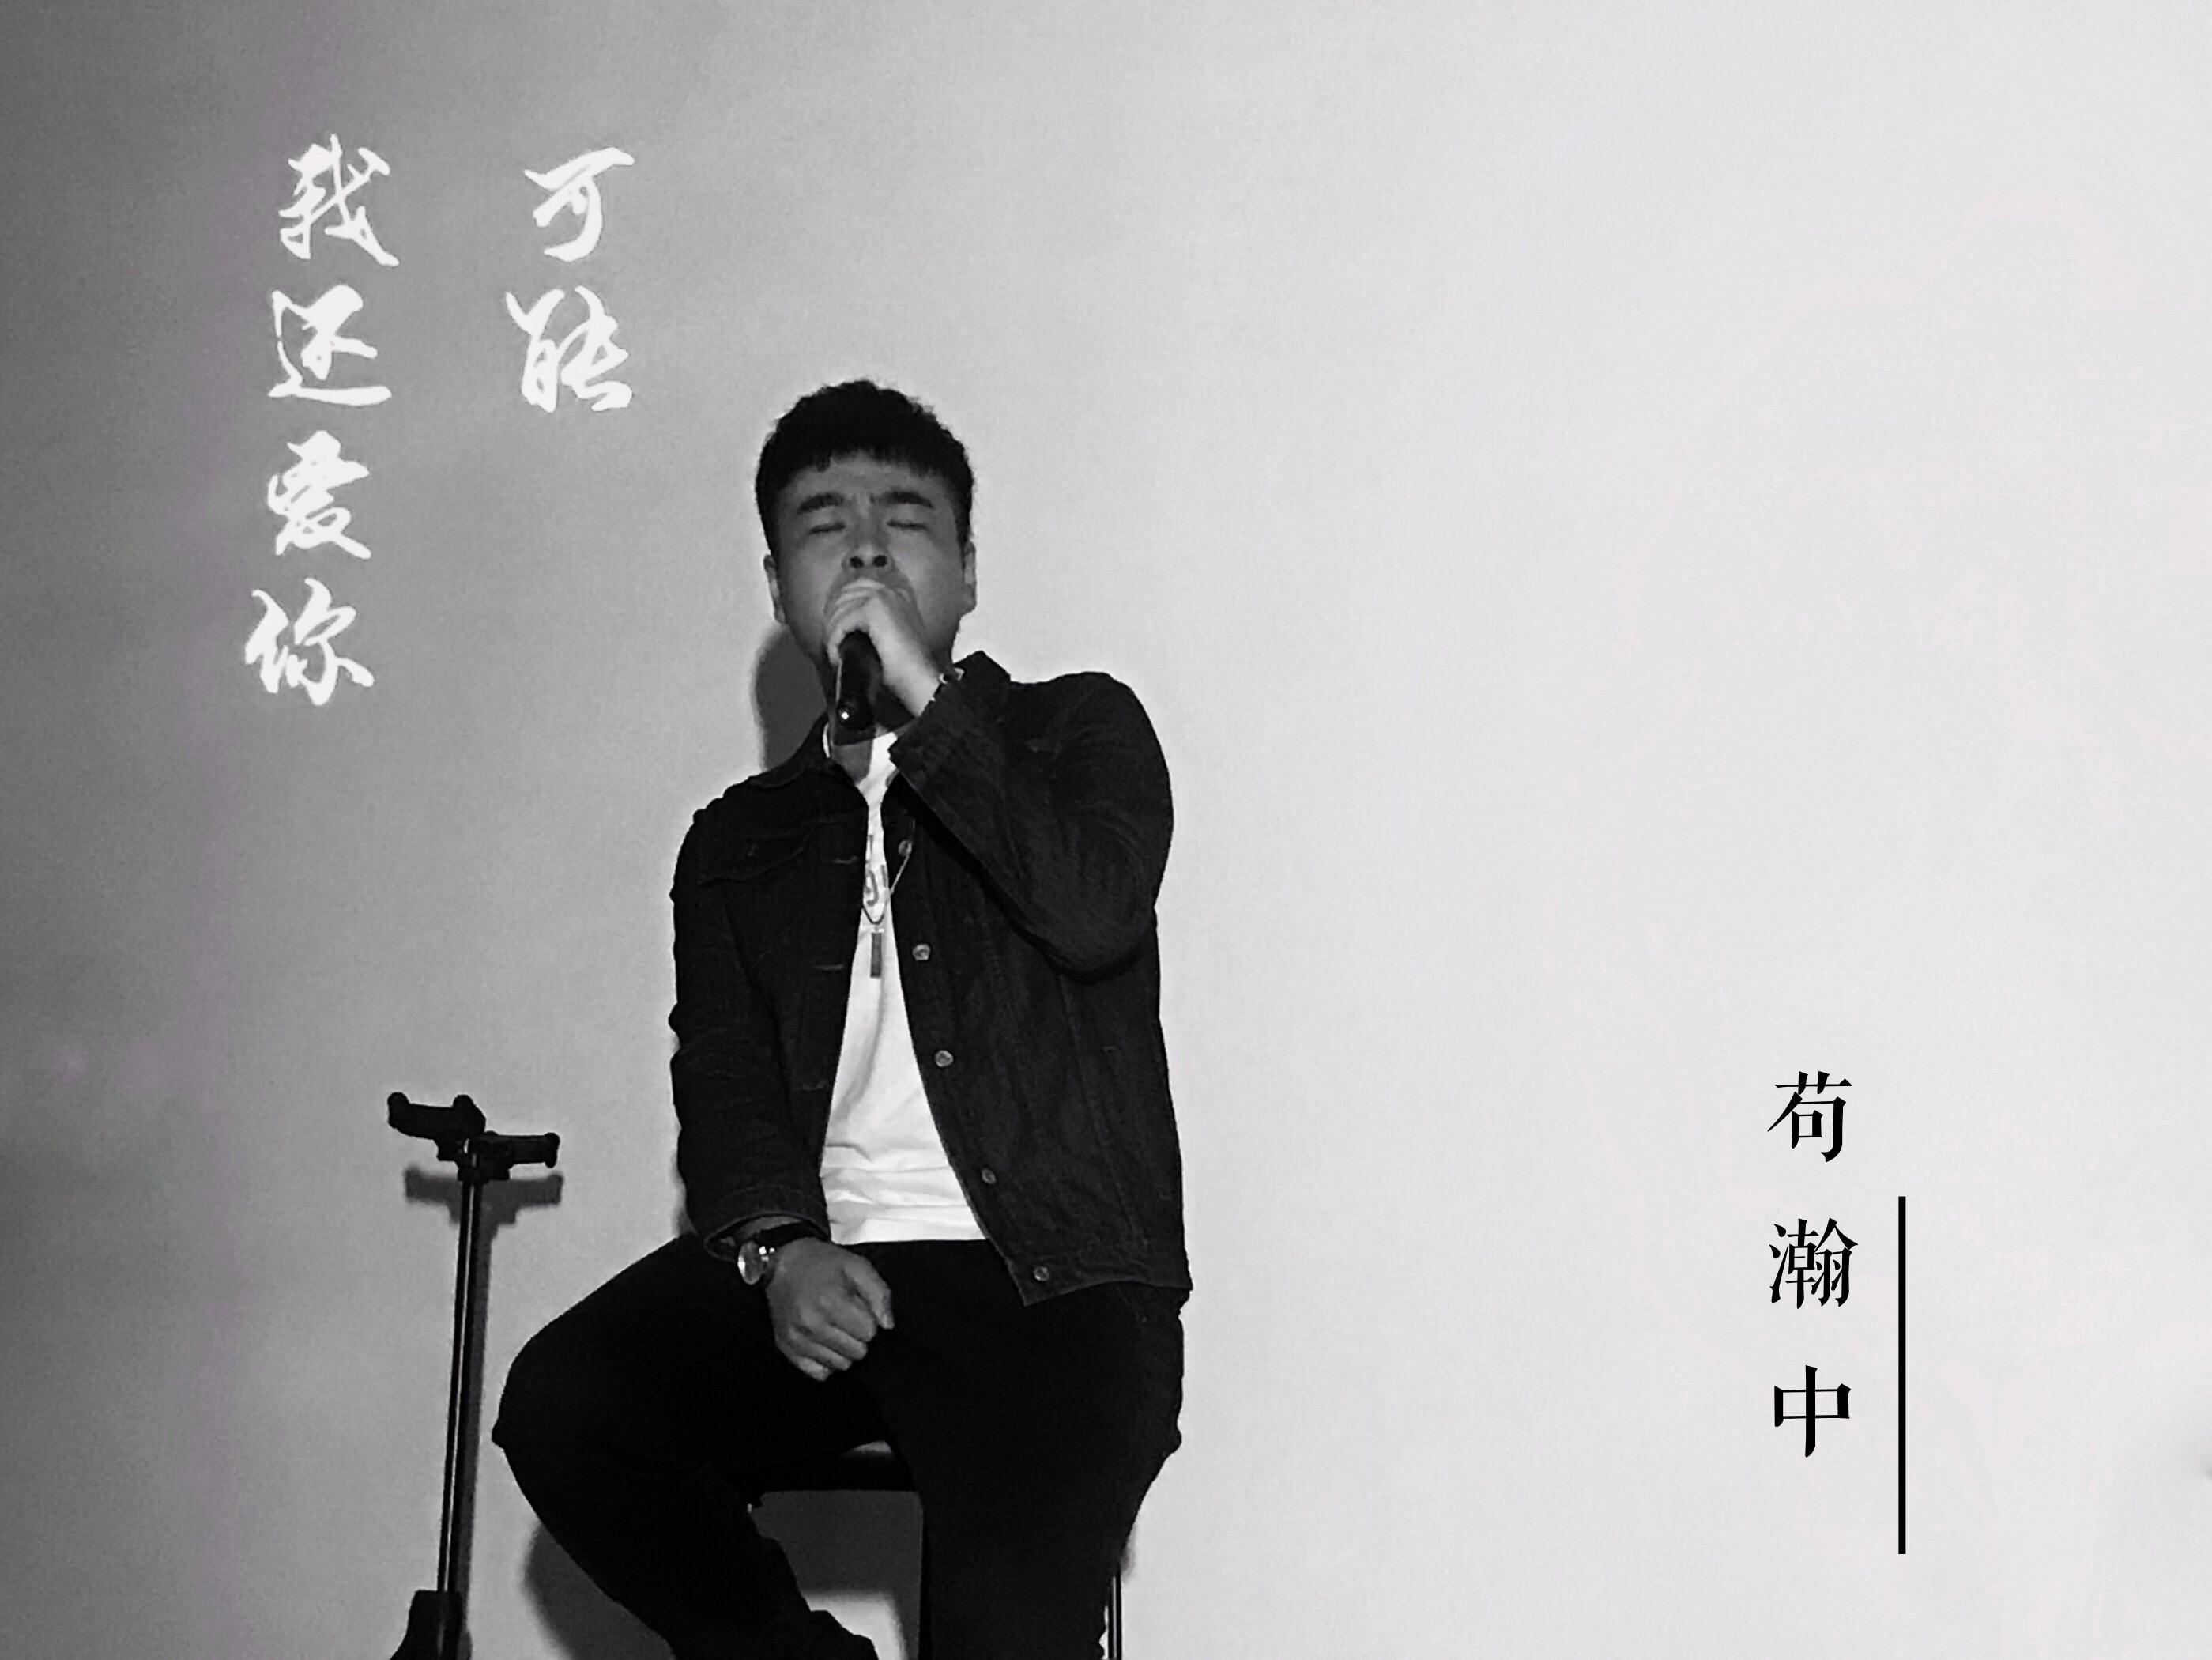 苟瀚中《失恋留声机》分享会在京举办